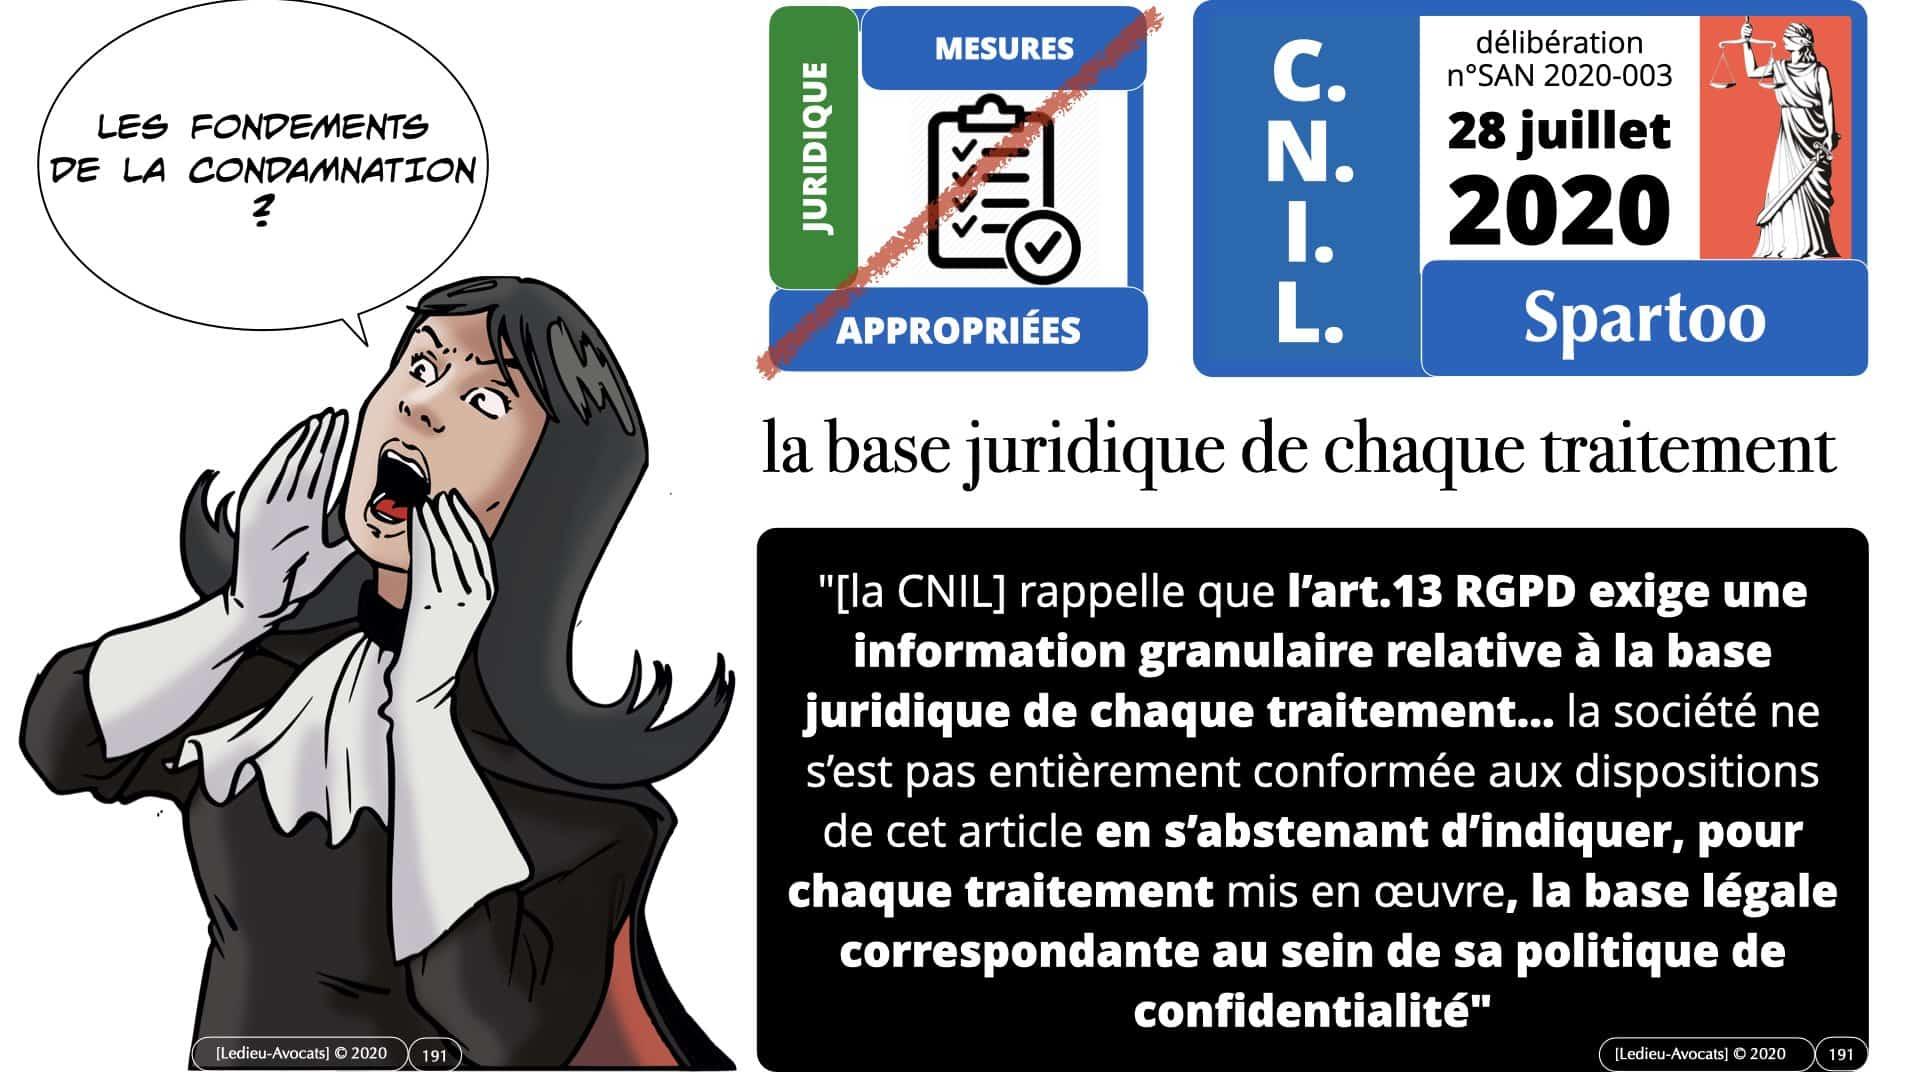 RGPD e-Privacy données personnelles jurisprudence formation Lamy Les Echos 10-02-2021 ©Ledieu-Avocats.191